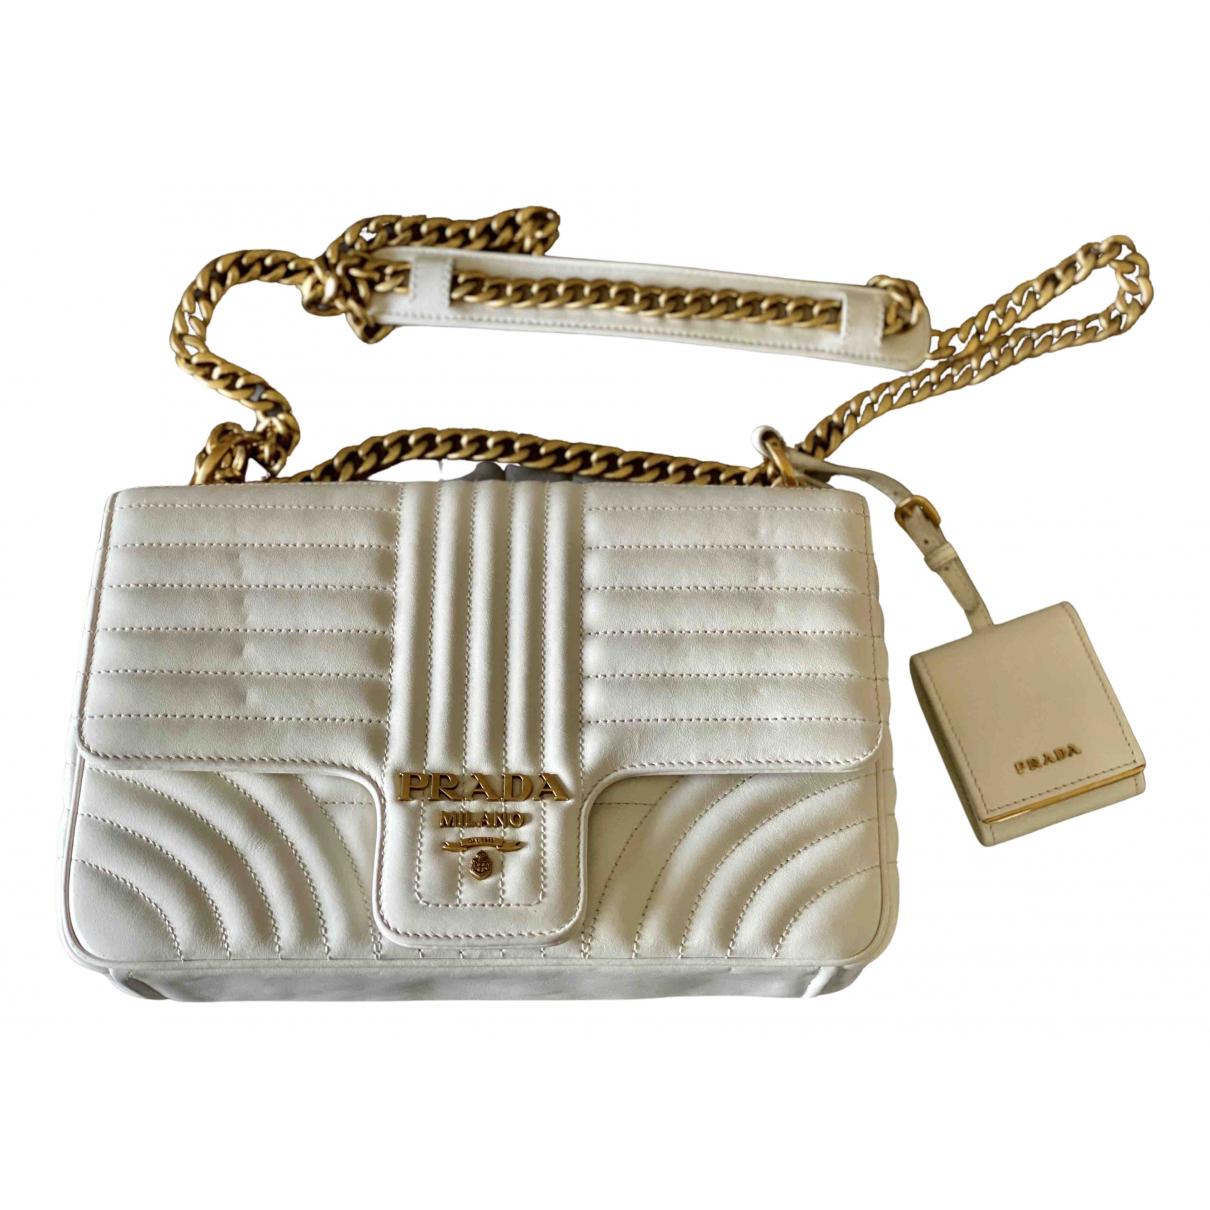 Prada Diagramme Handtasche in  Ecru Leder